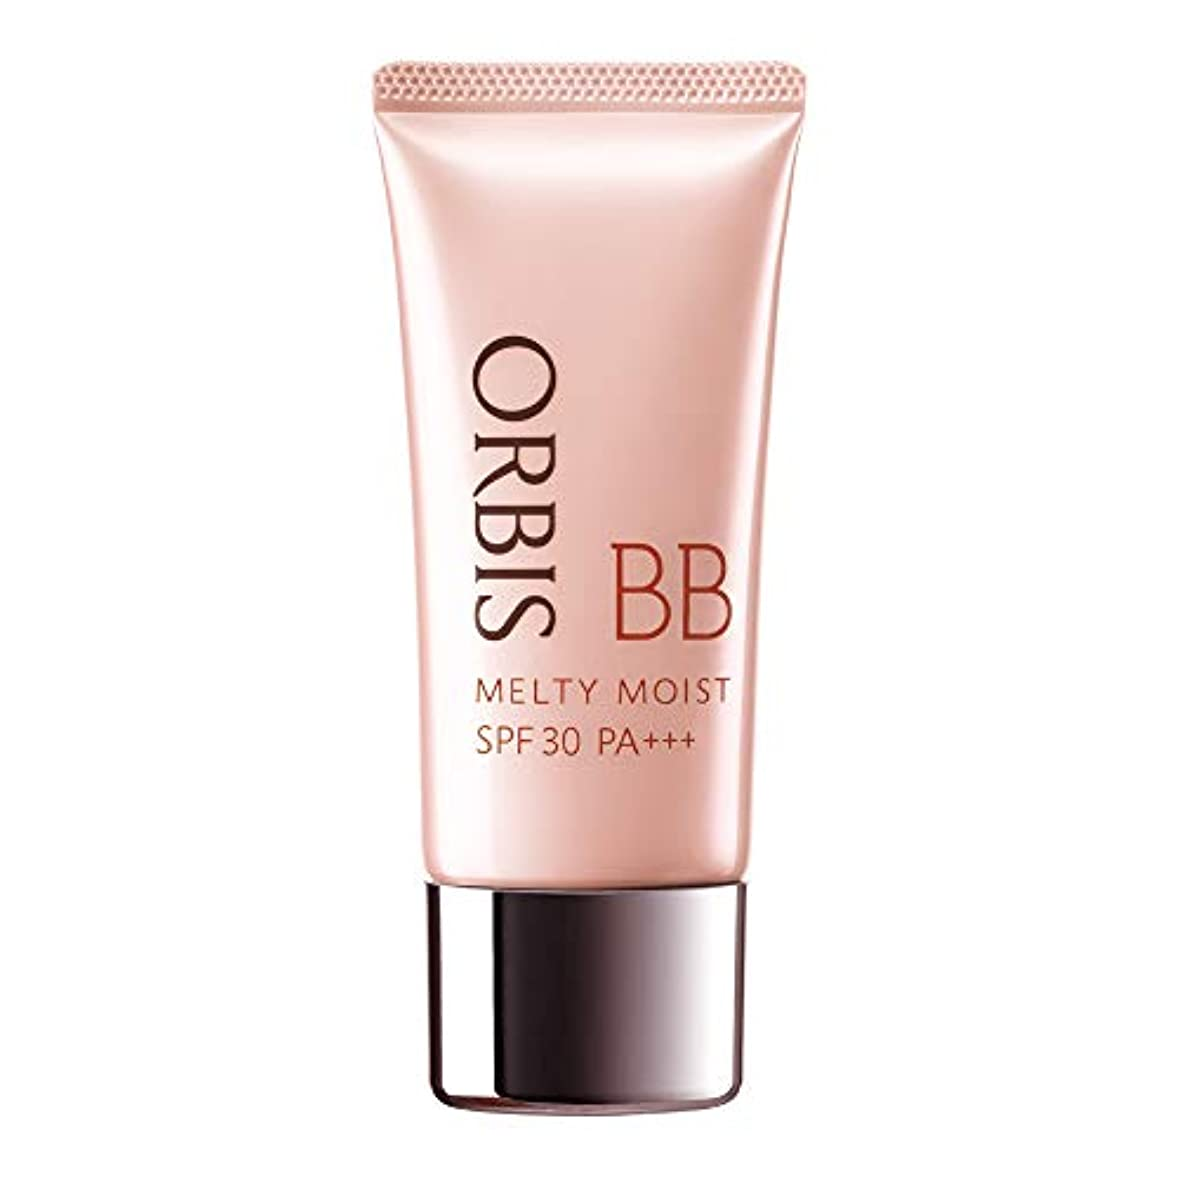 強化するエジプト突然のオルビス(ORBIS) メルティーモイスト BB ライト 35g ◎BBクリーム◎